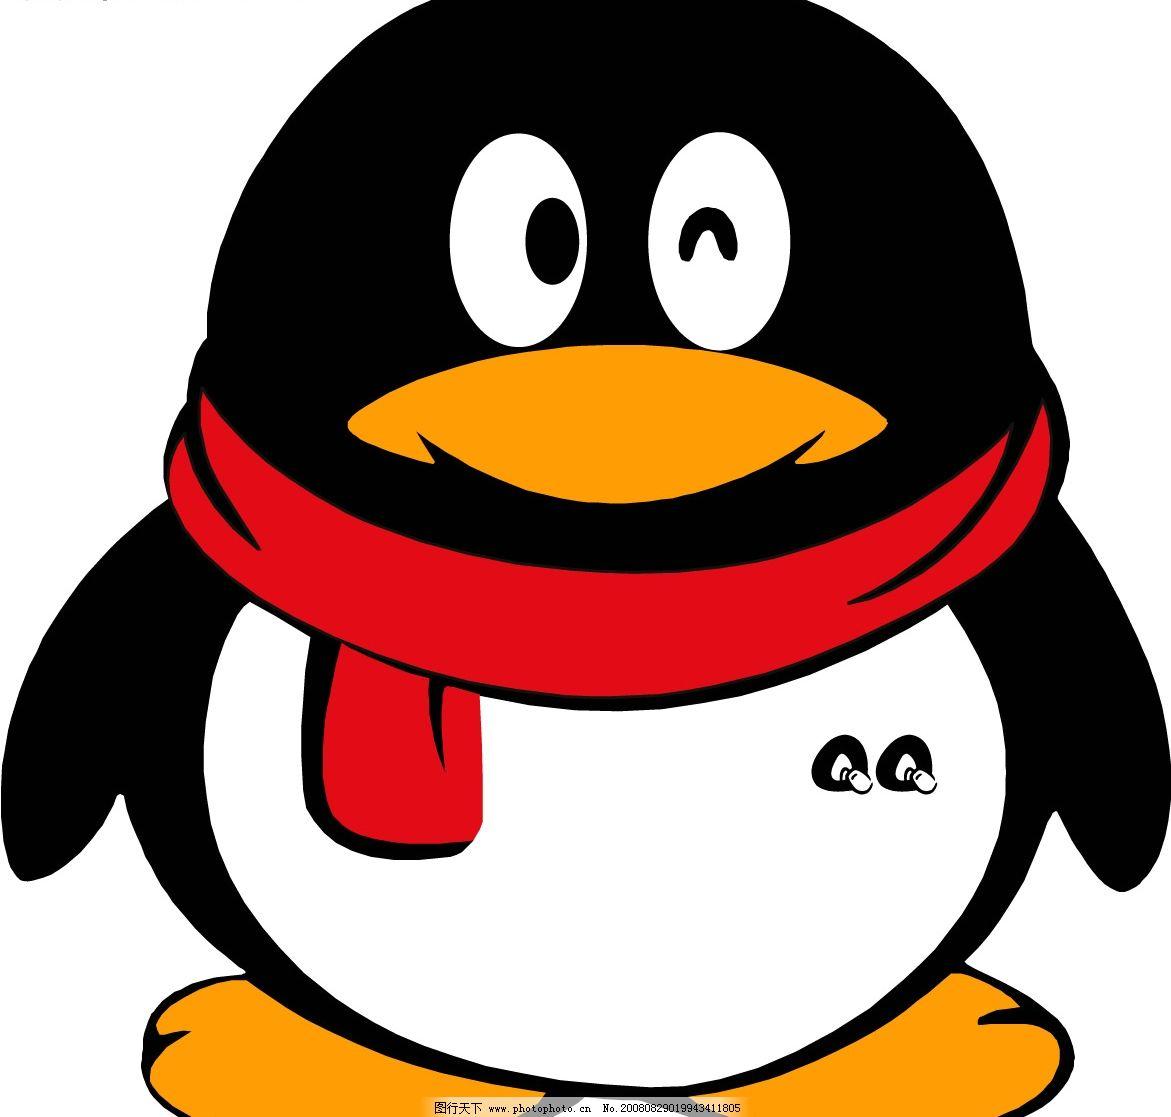 腾讯qq品牌形象快乐企鹅 腾讯qq 腾讯qq标志 qq标志 qq图像 qq 标识